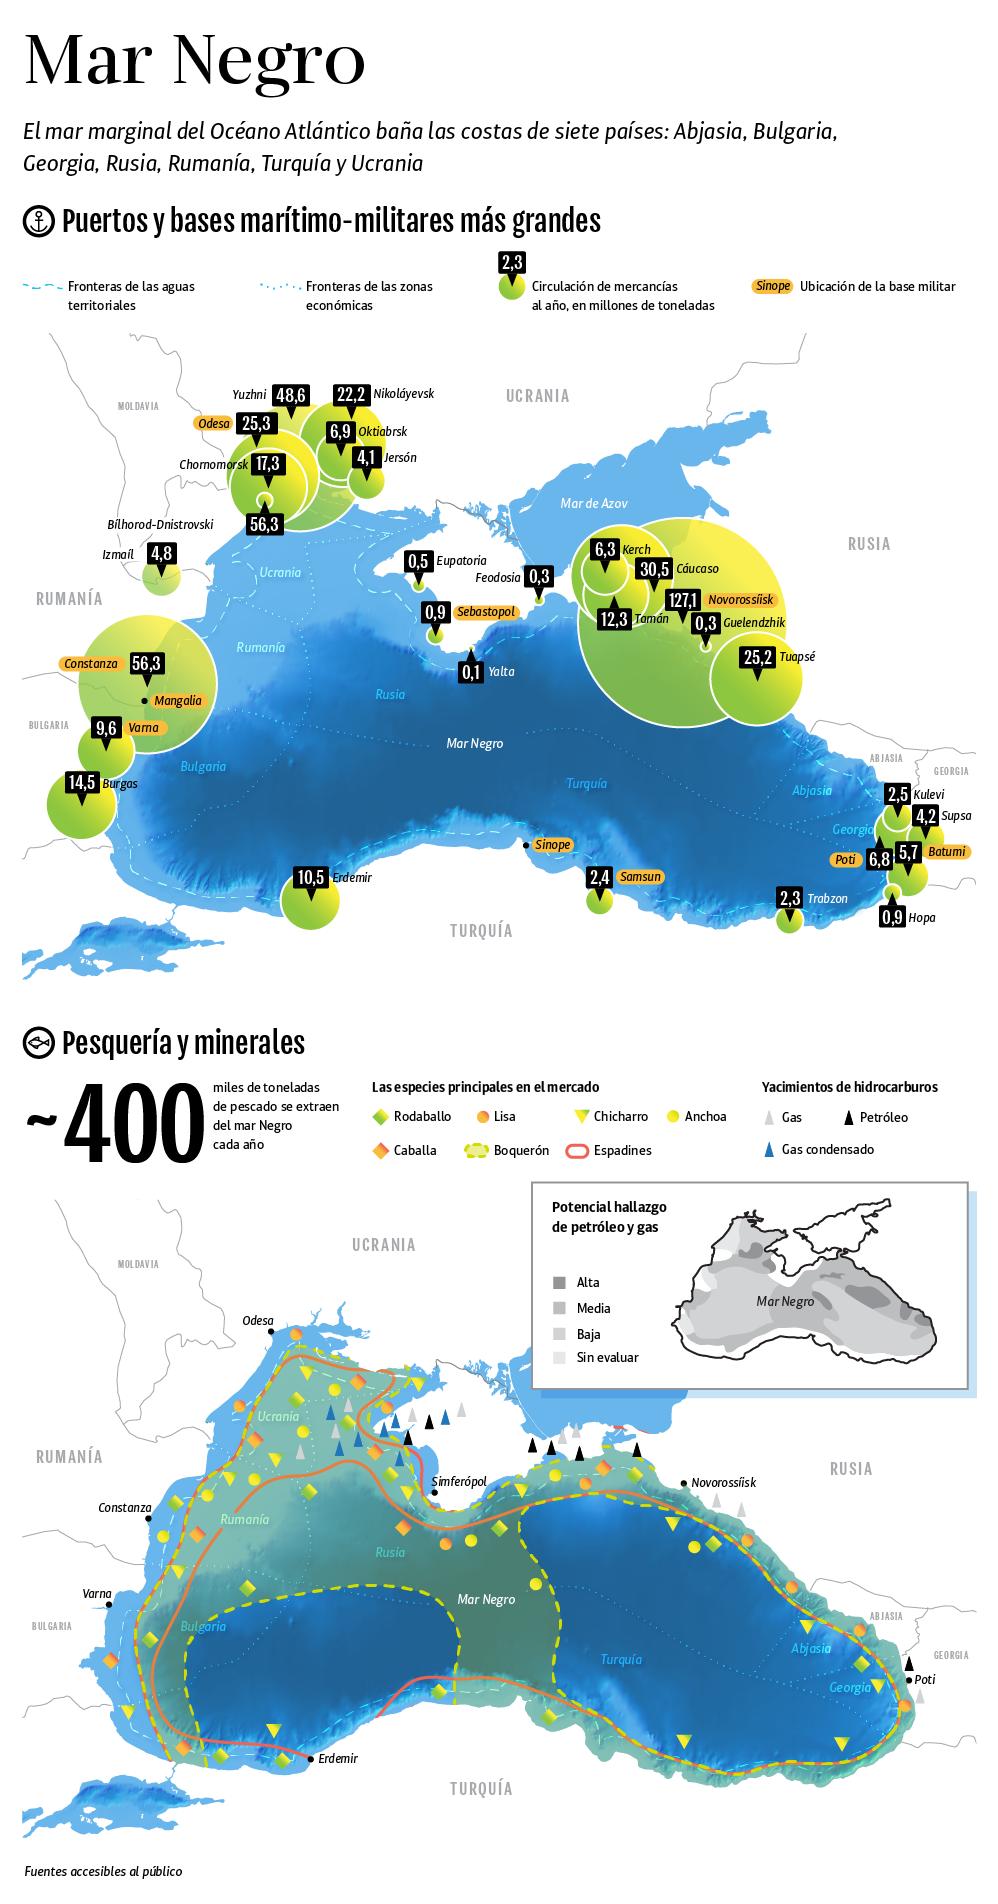 Todo lo que hay que saber sobre el mar Negro